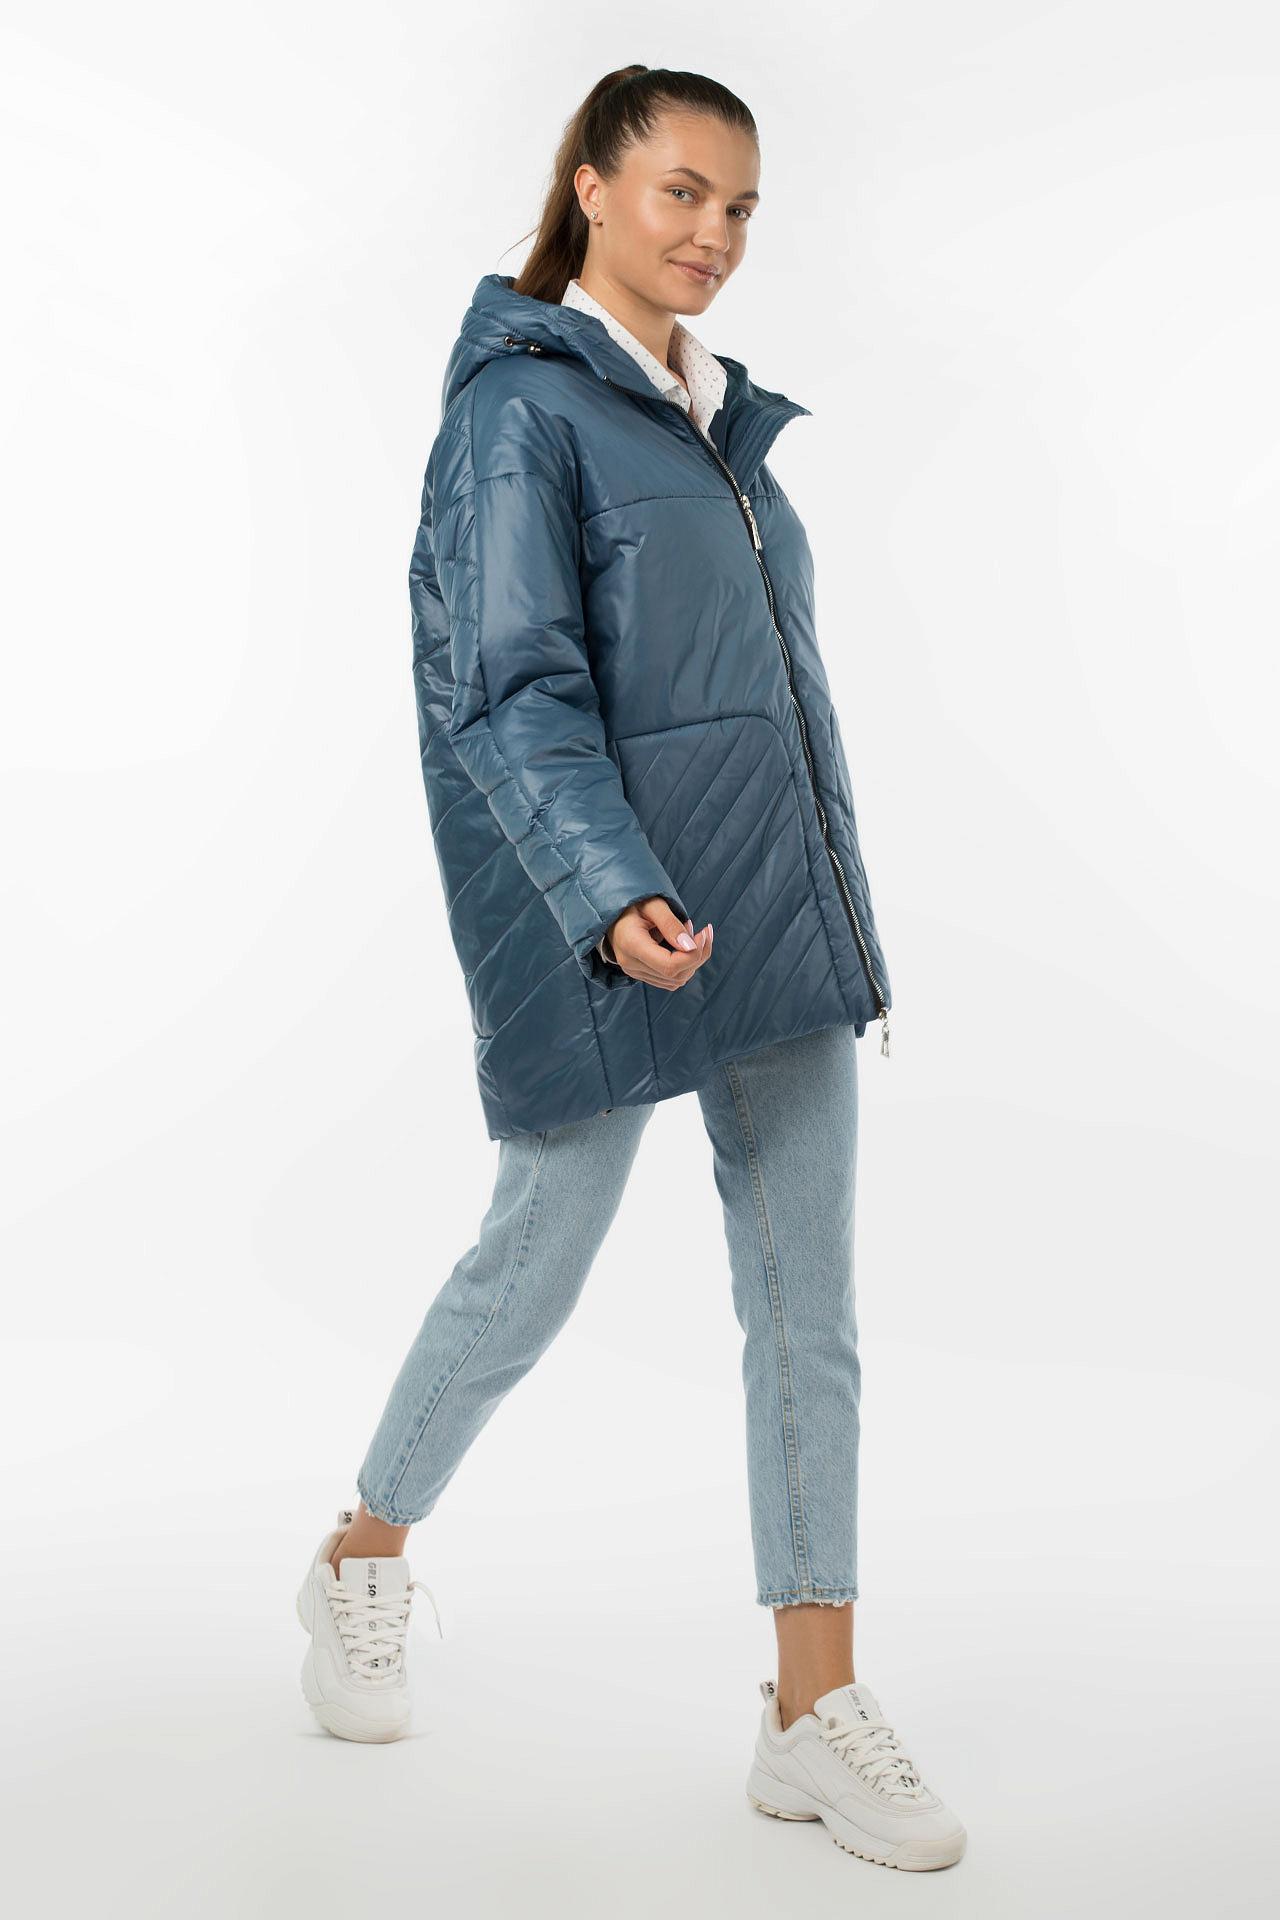 Куртка женская демисезонная (синтепон 200)